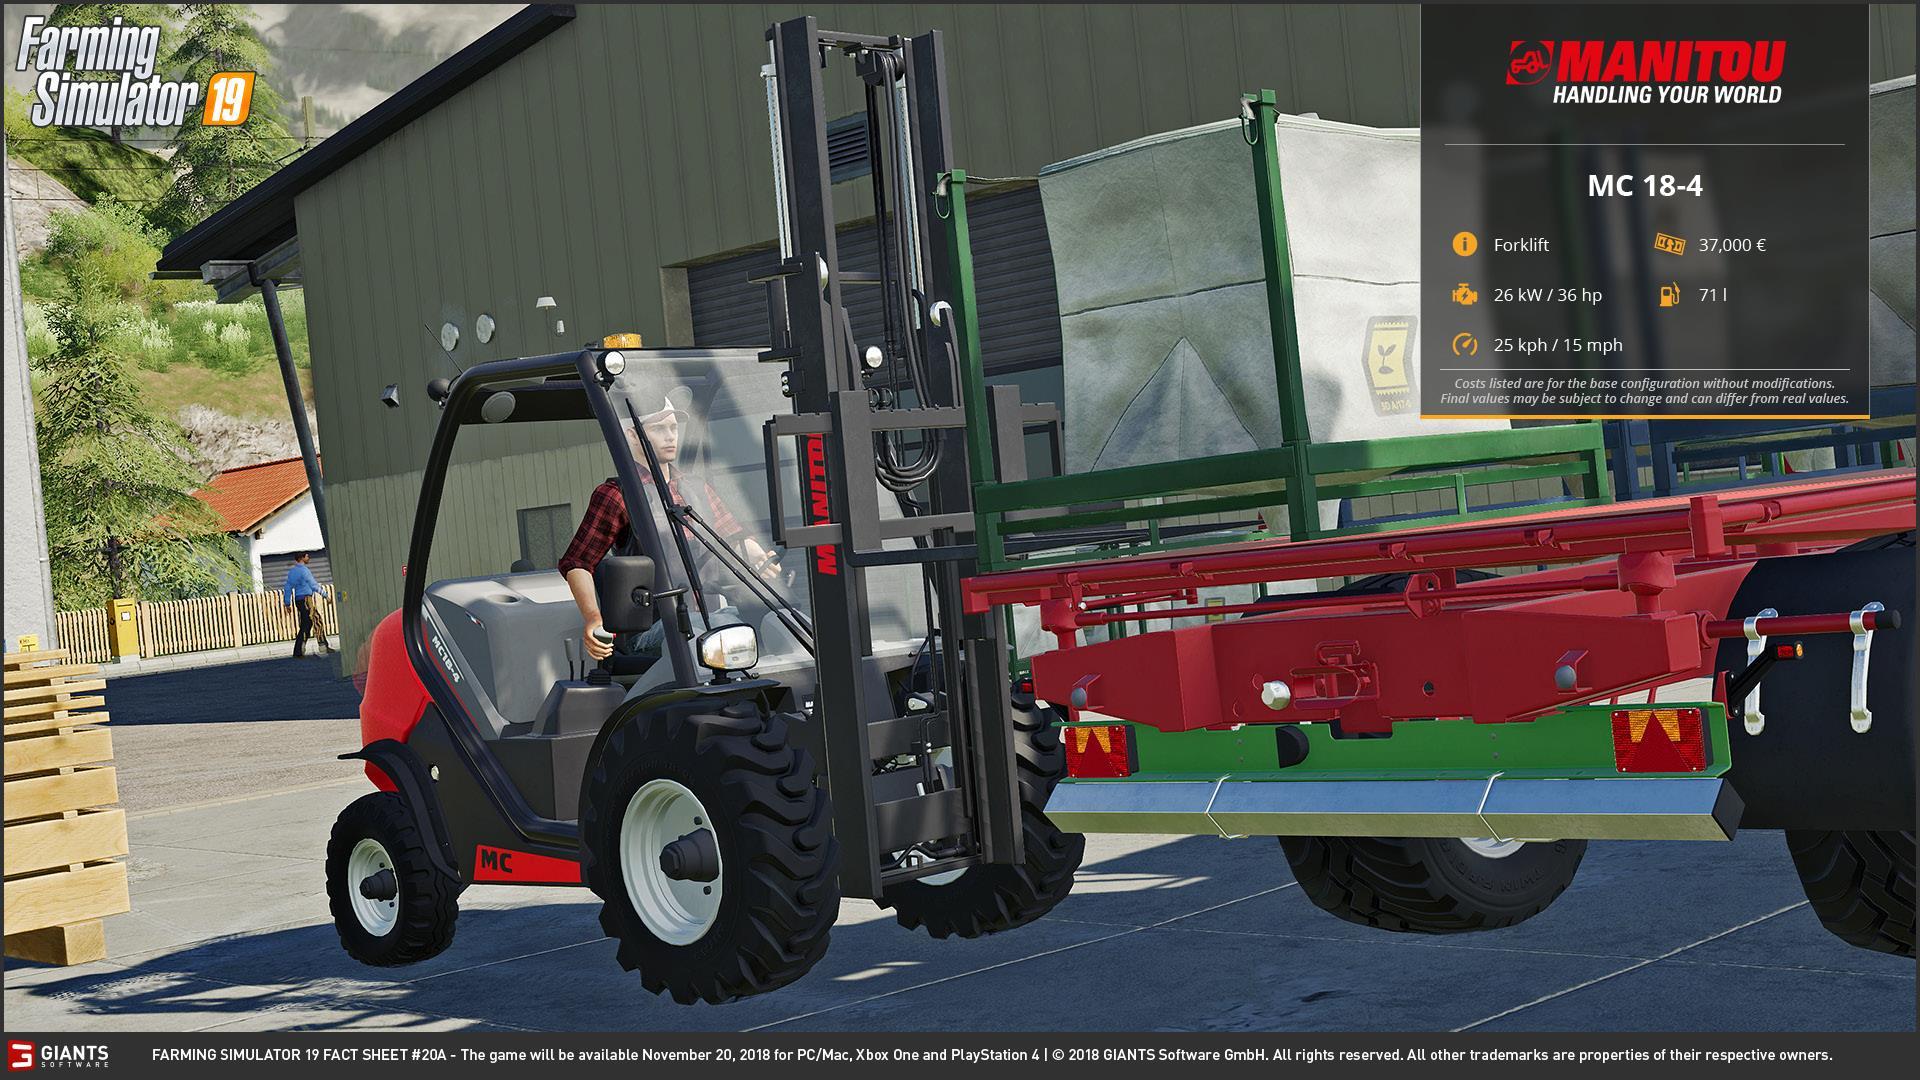 Farming simulator 19 FACT SHEET #9 LS 19 - Farming simulator